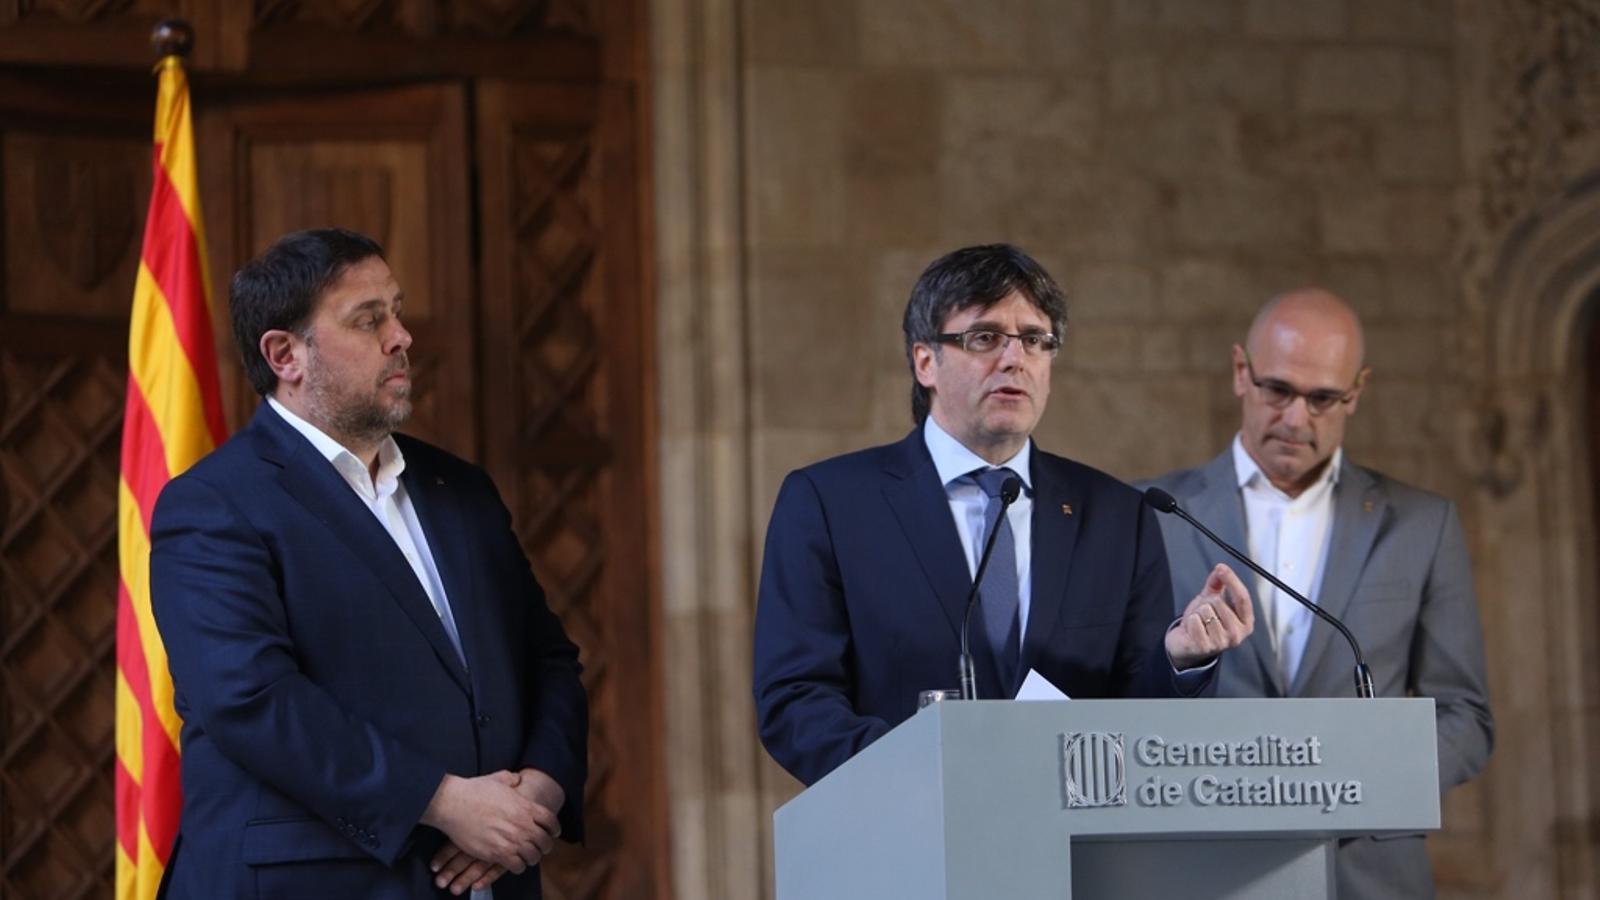 Oriol Junqueras, Carles Puigdemont i Raül Romeva, en la compareixença institucional sobre la sentència del 9-N